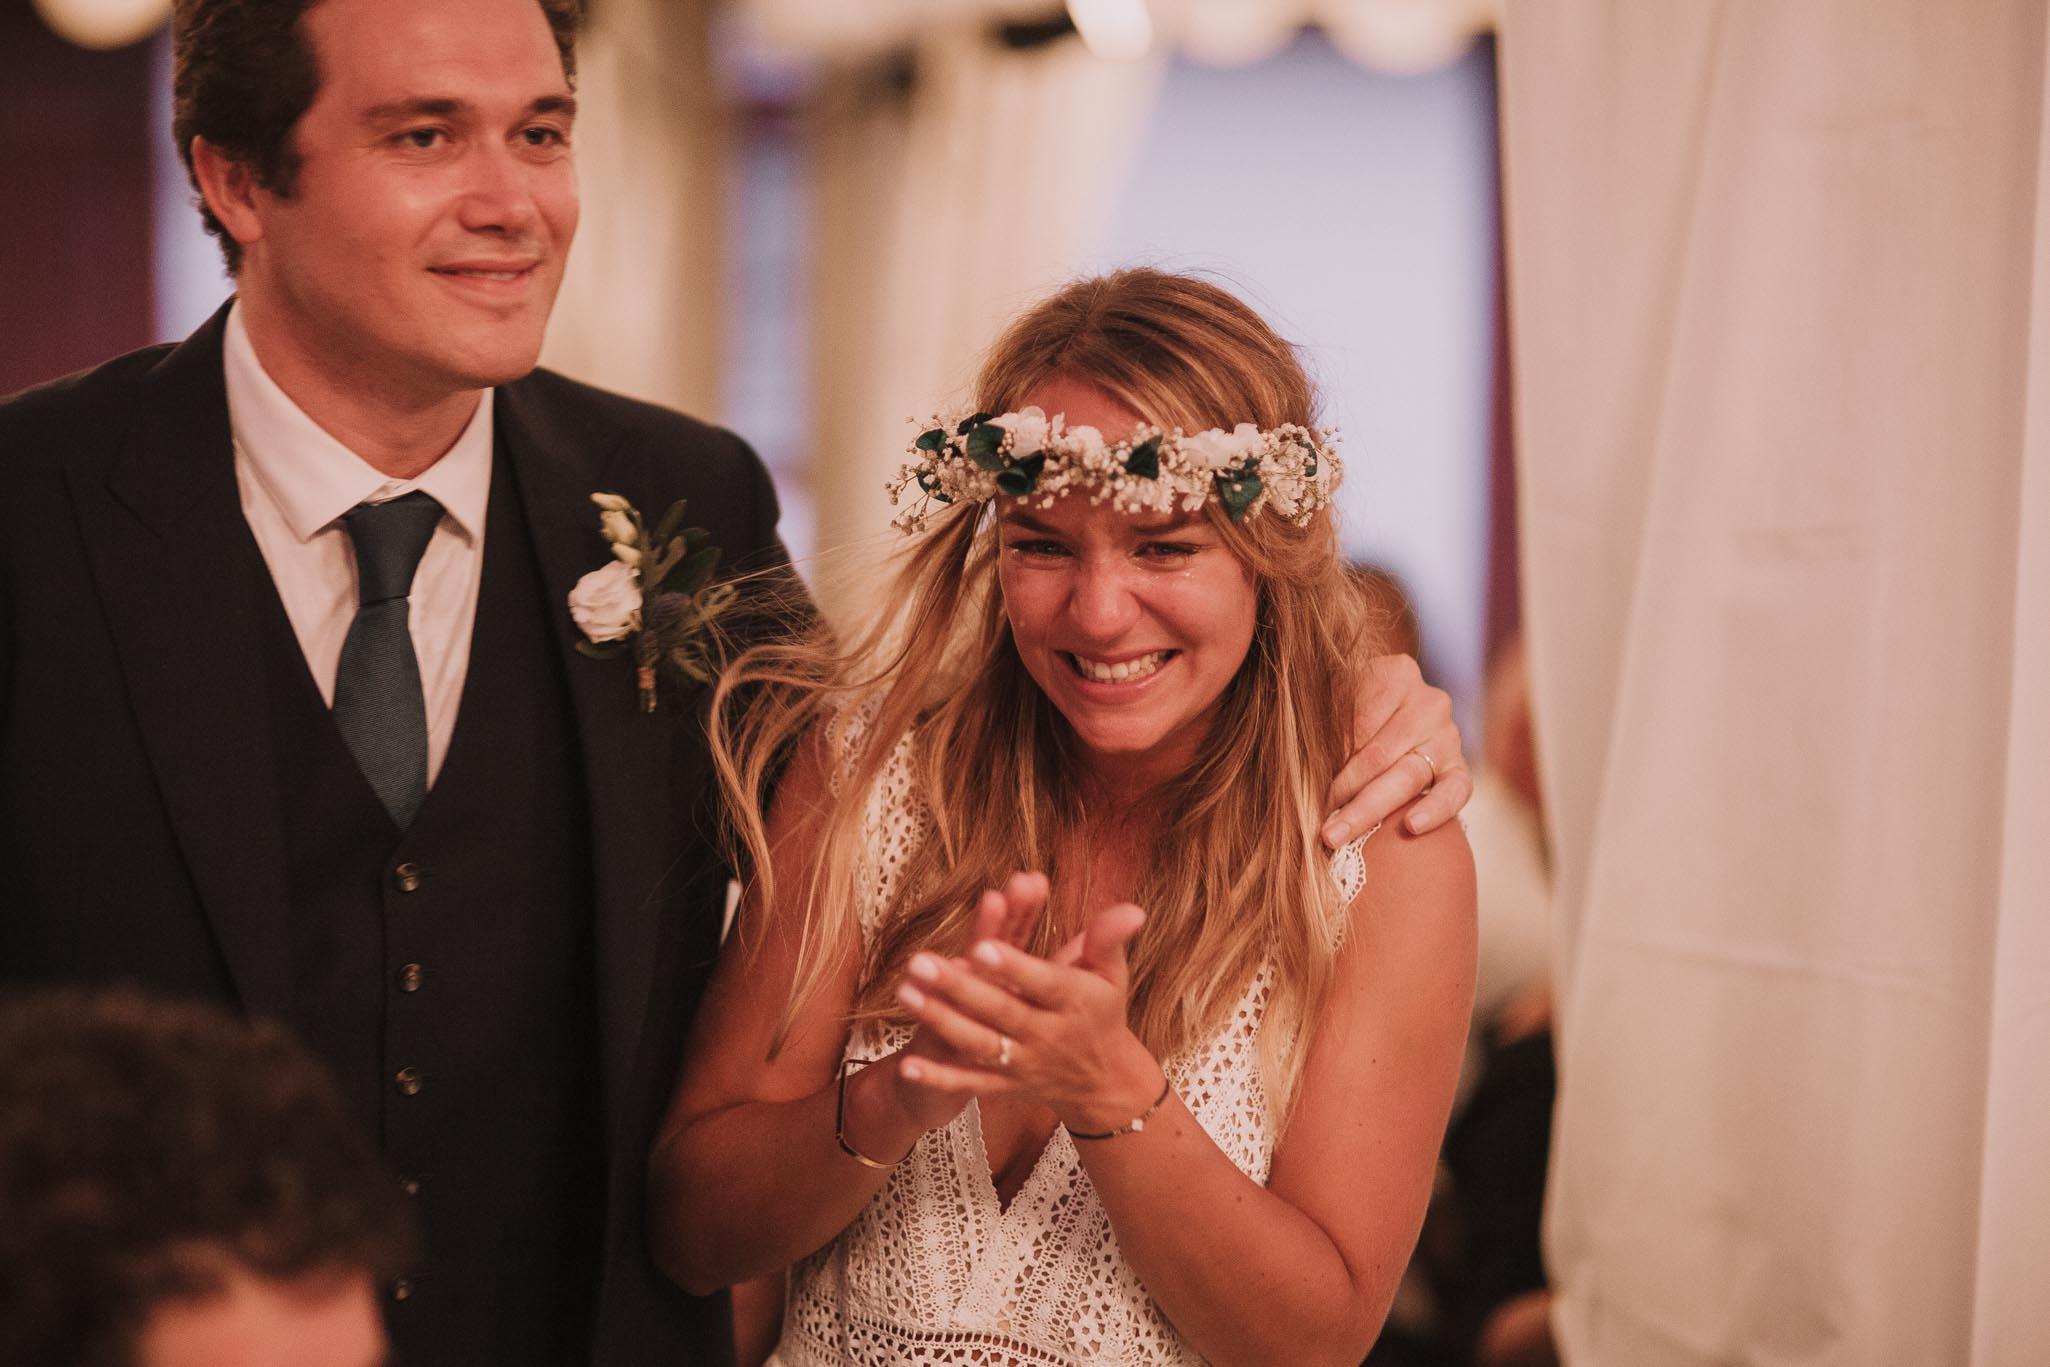 Photographe-mariage-bordeaux-jeremy-boyer-pays-basque-ihartze-artea-sare-robe-eleonore-pauc-couple-amour-163.jpg